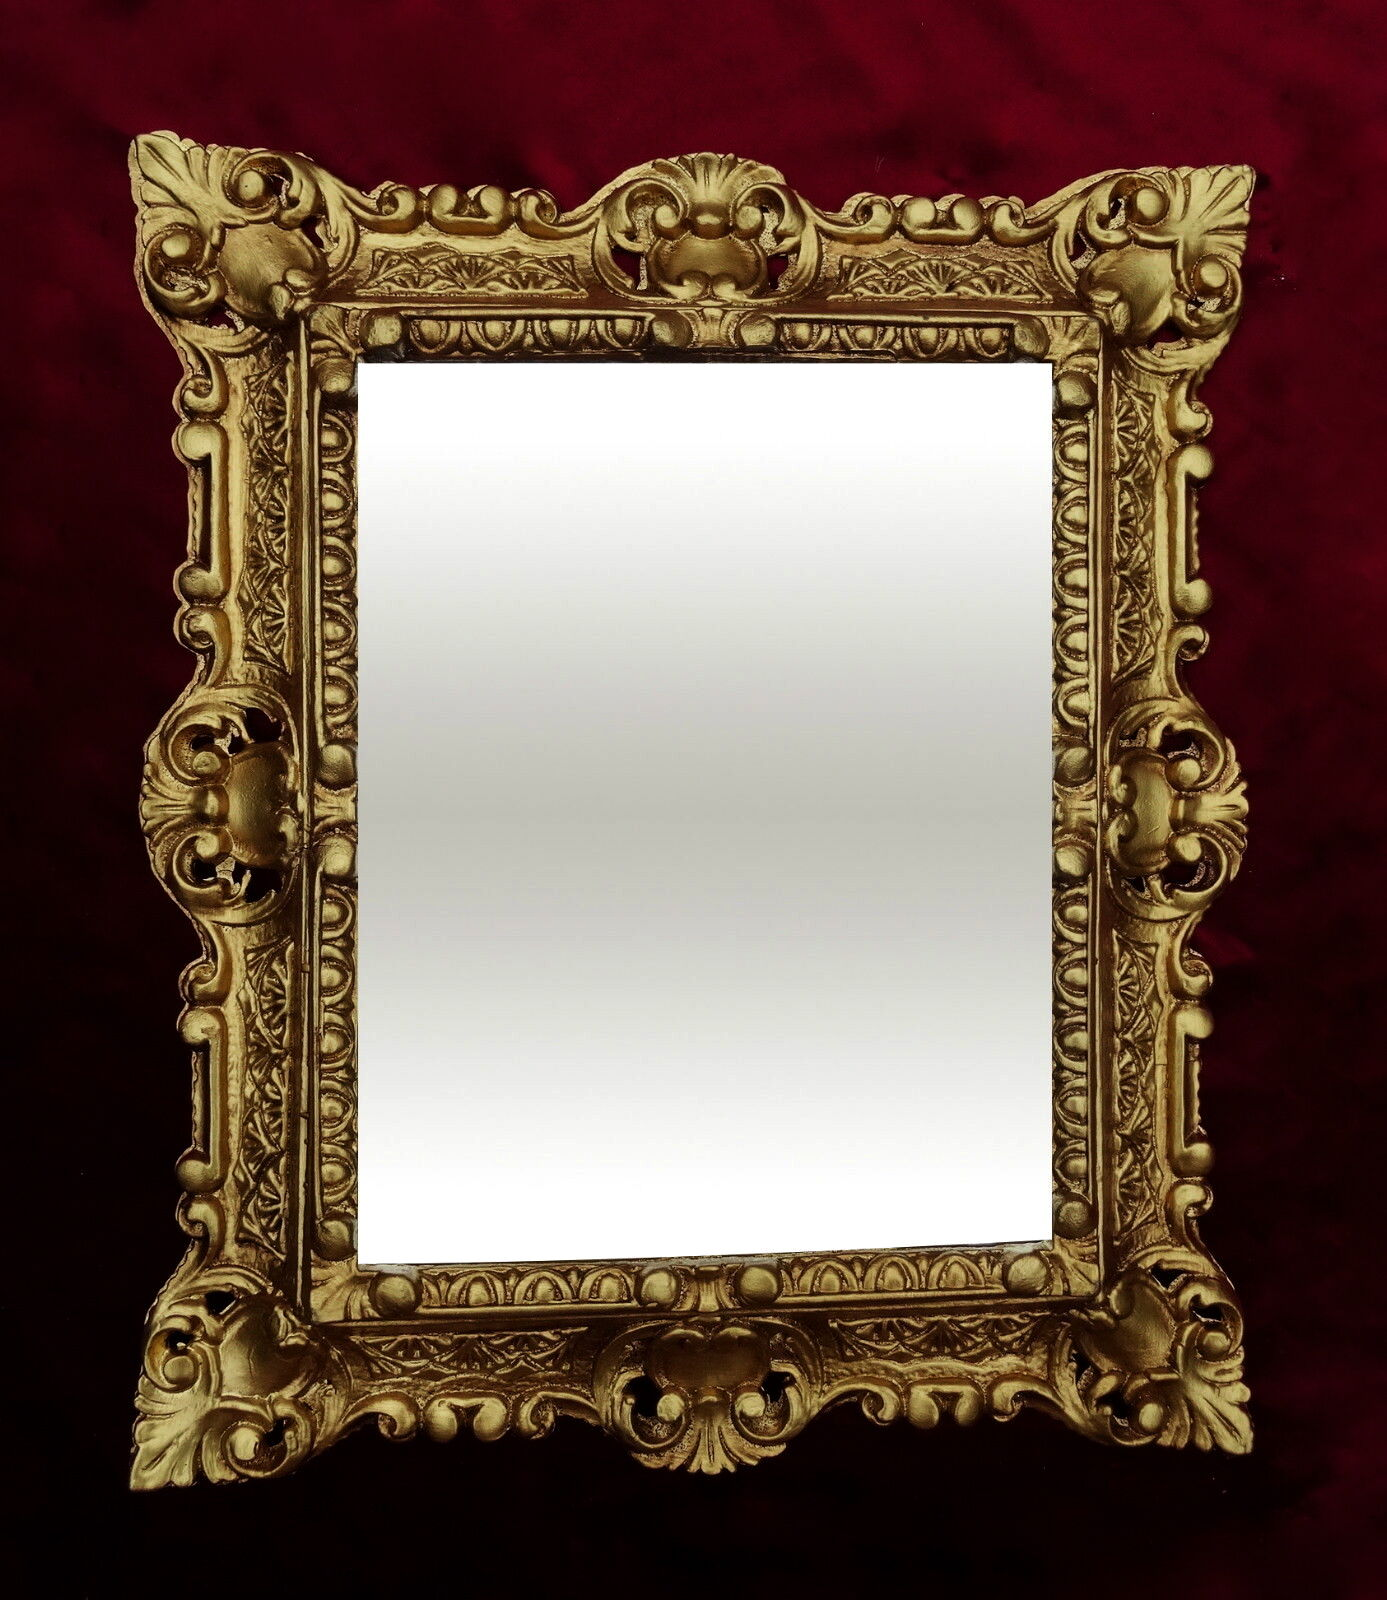 Rahmen barock sch n schwarz und gold gerahmte spiegel - Schwarzer barock spiegel ...